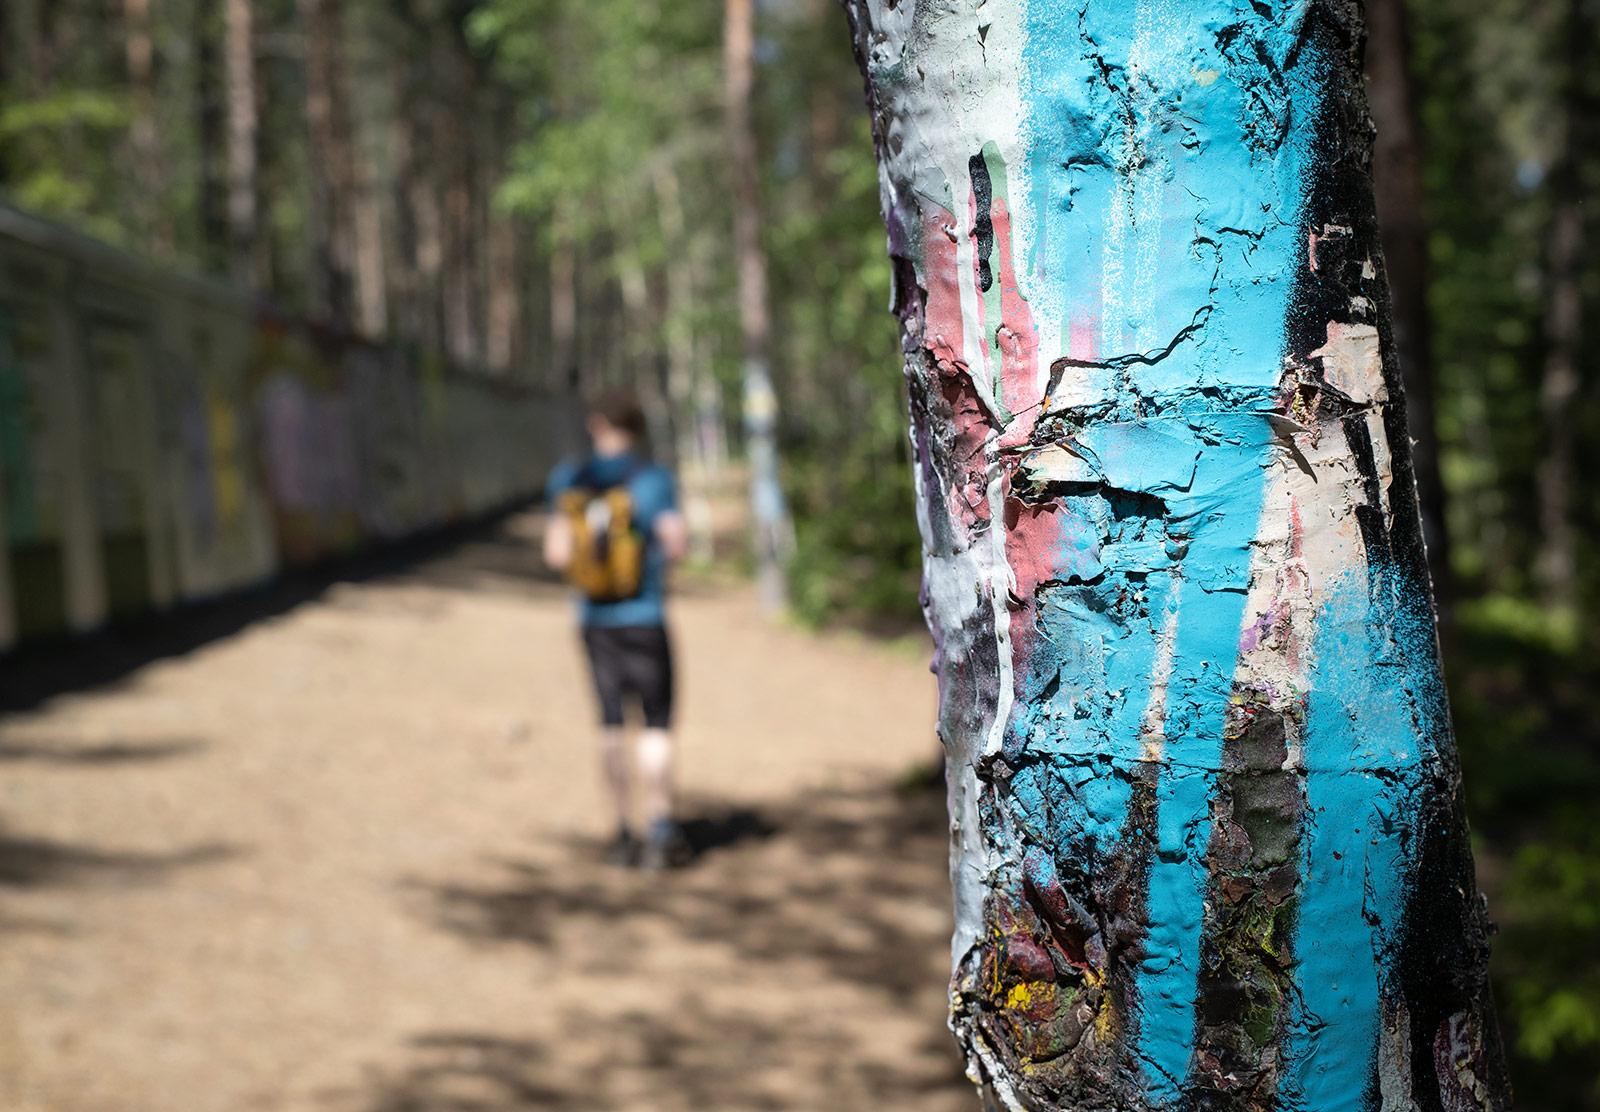 Spraypaint on tree